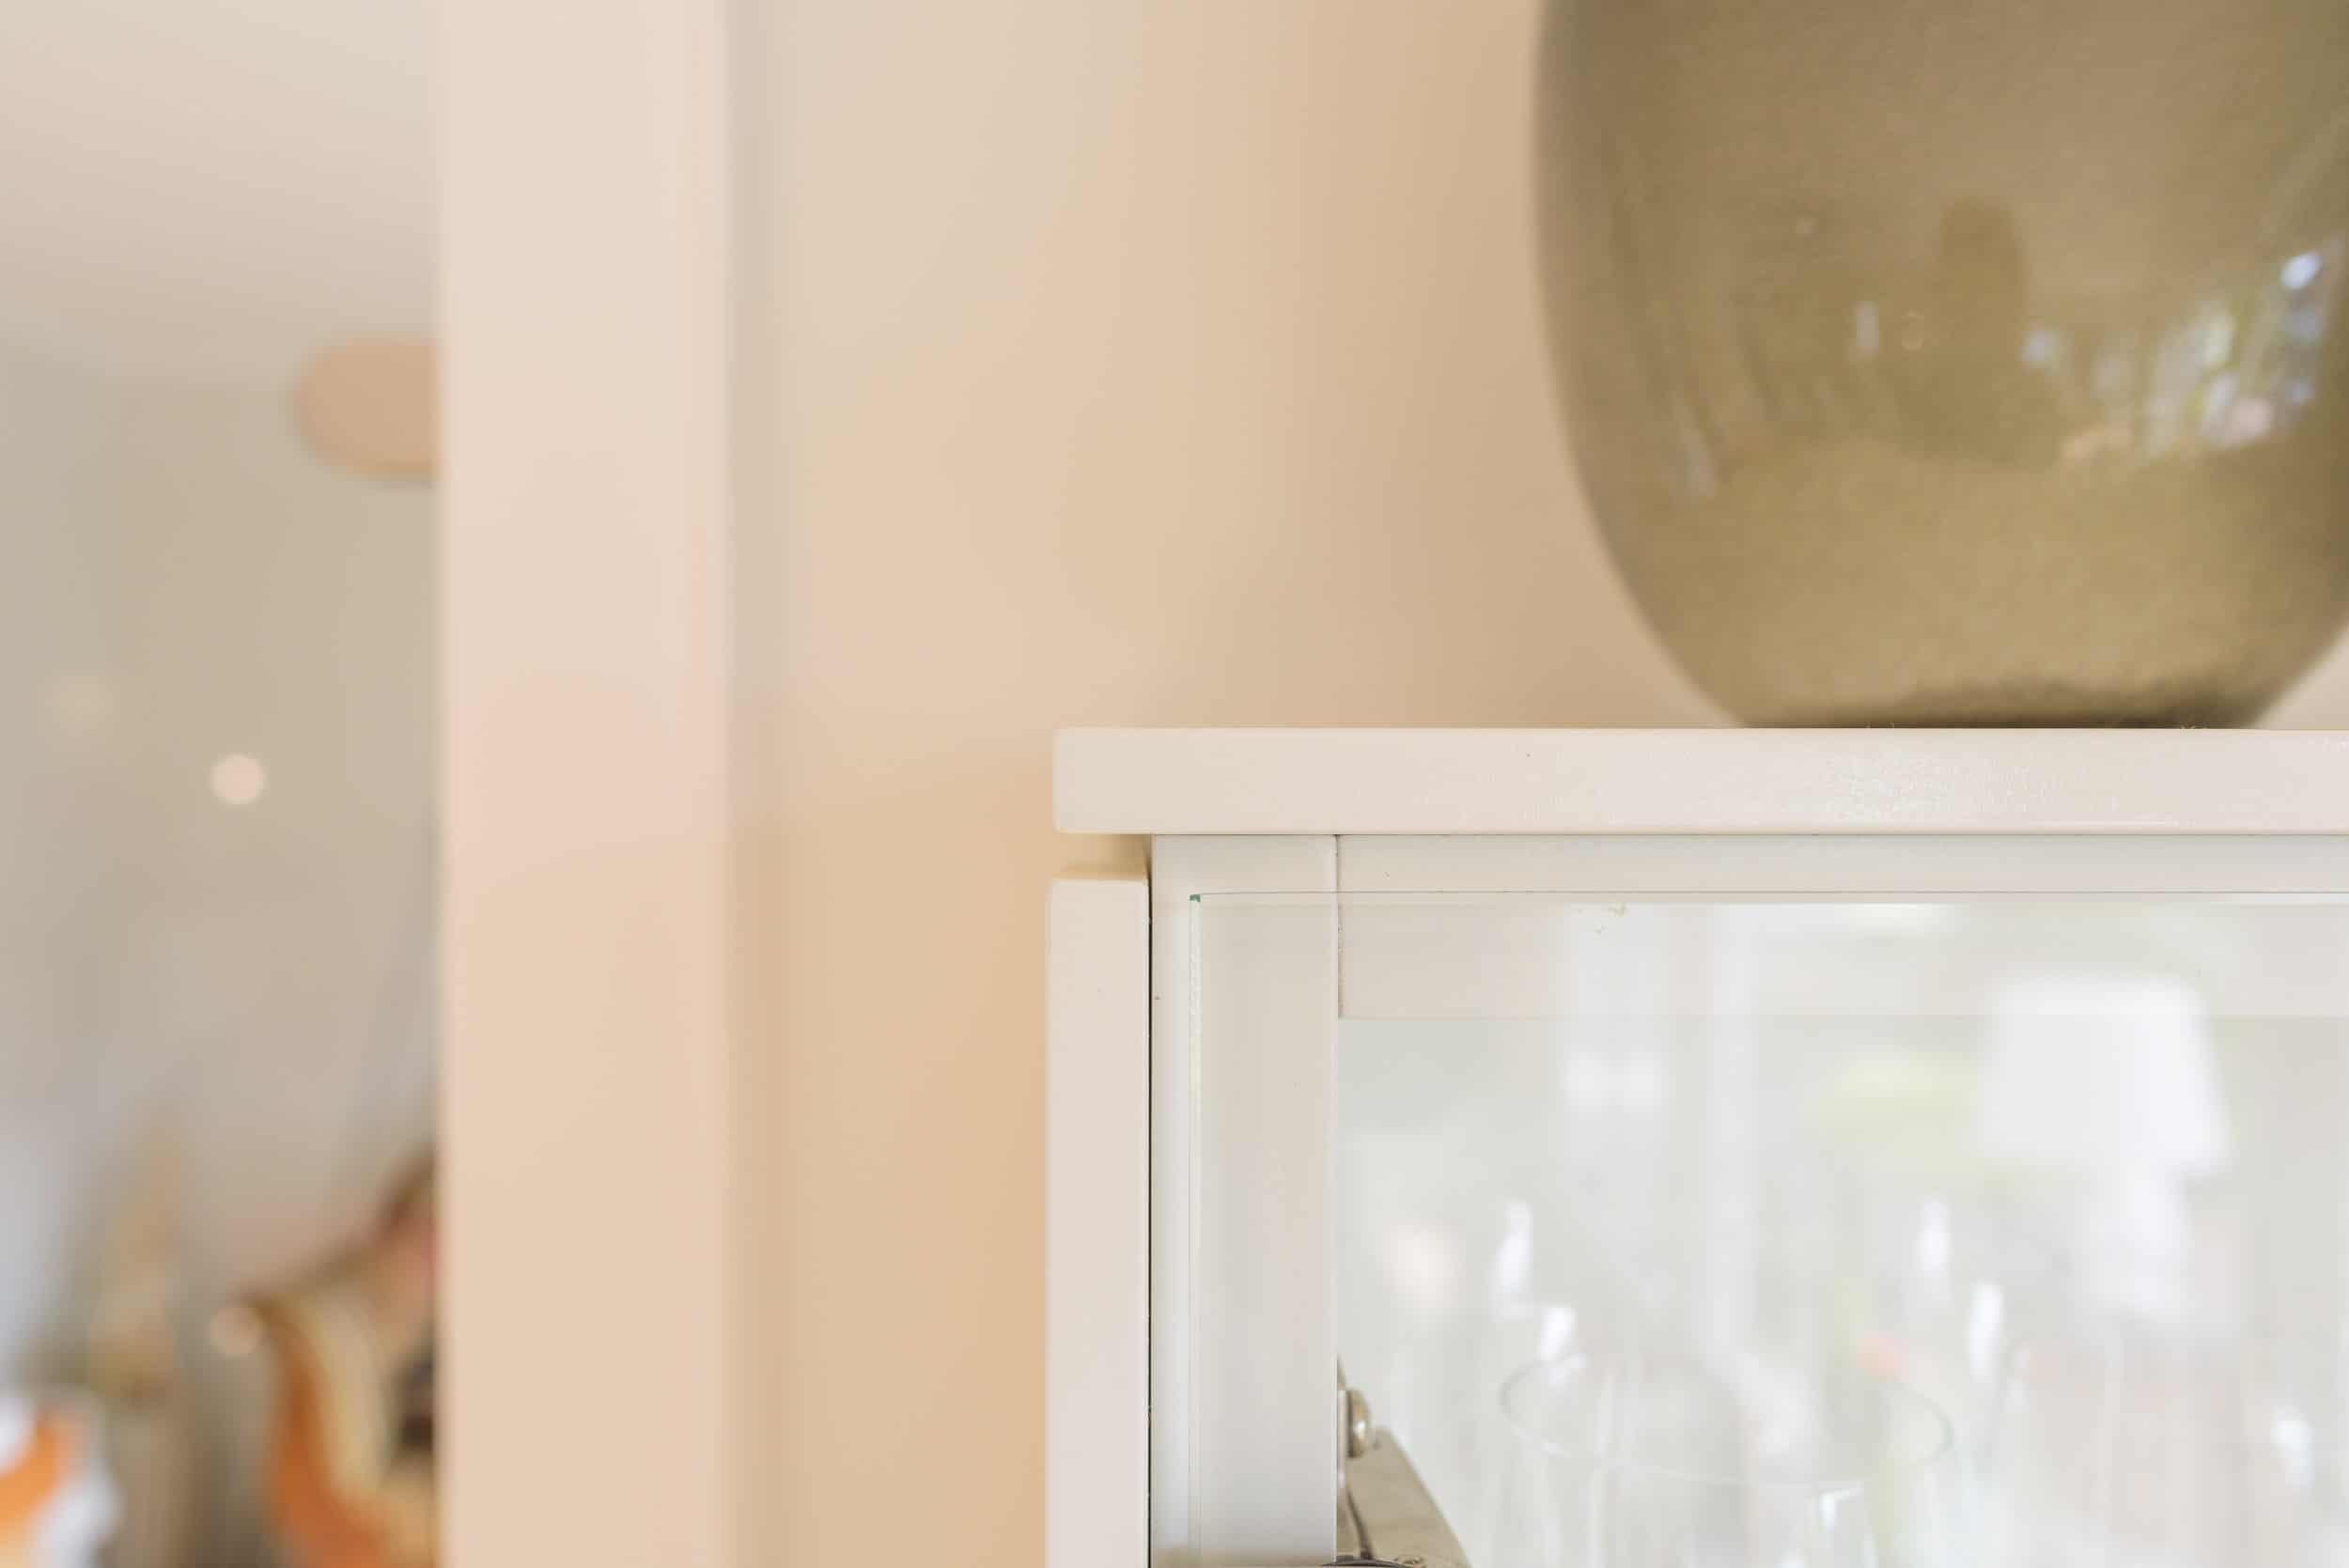 Schwebende Vitrine - Elegante Hängevitrine im Wohnzimmer